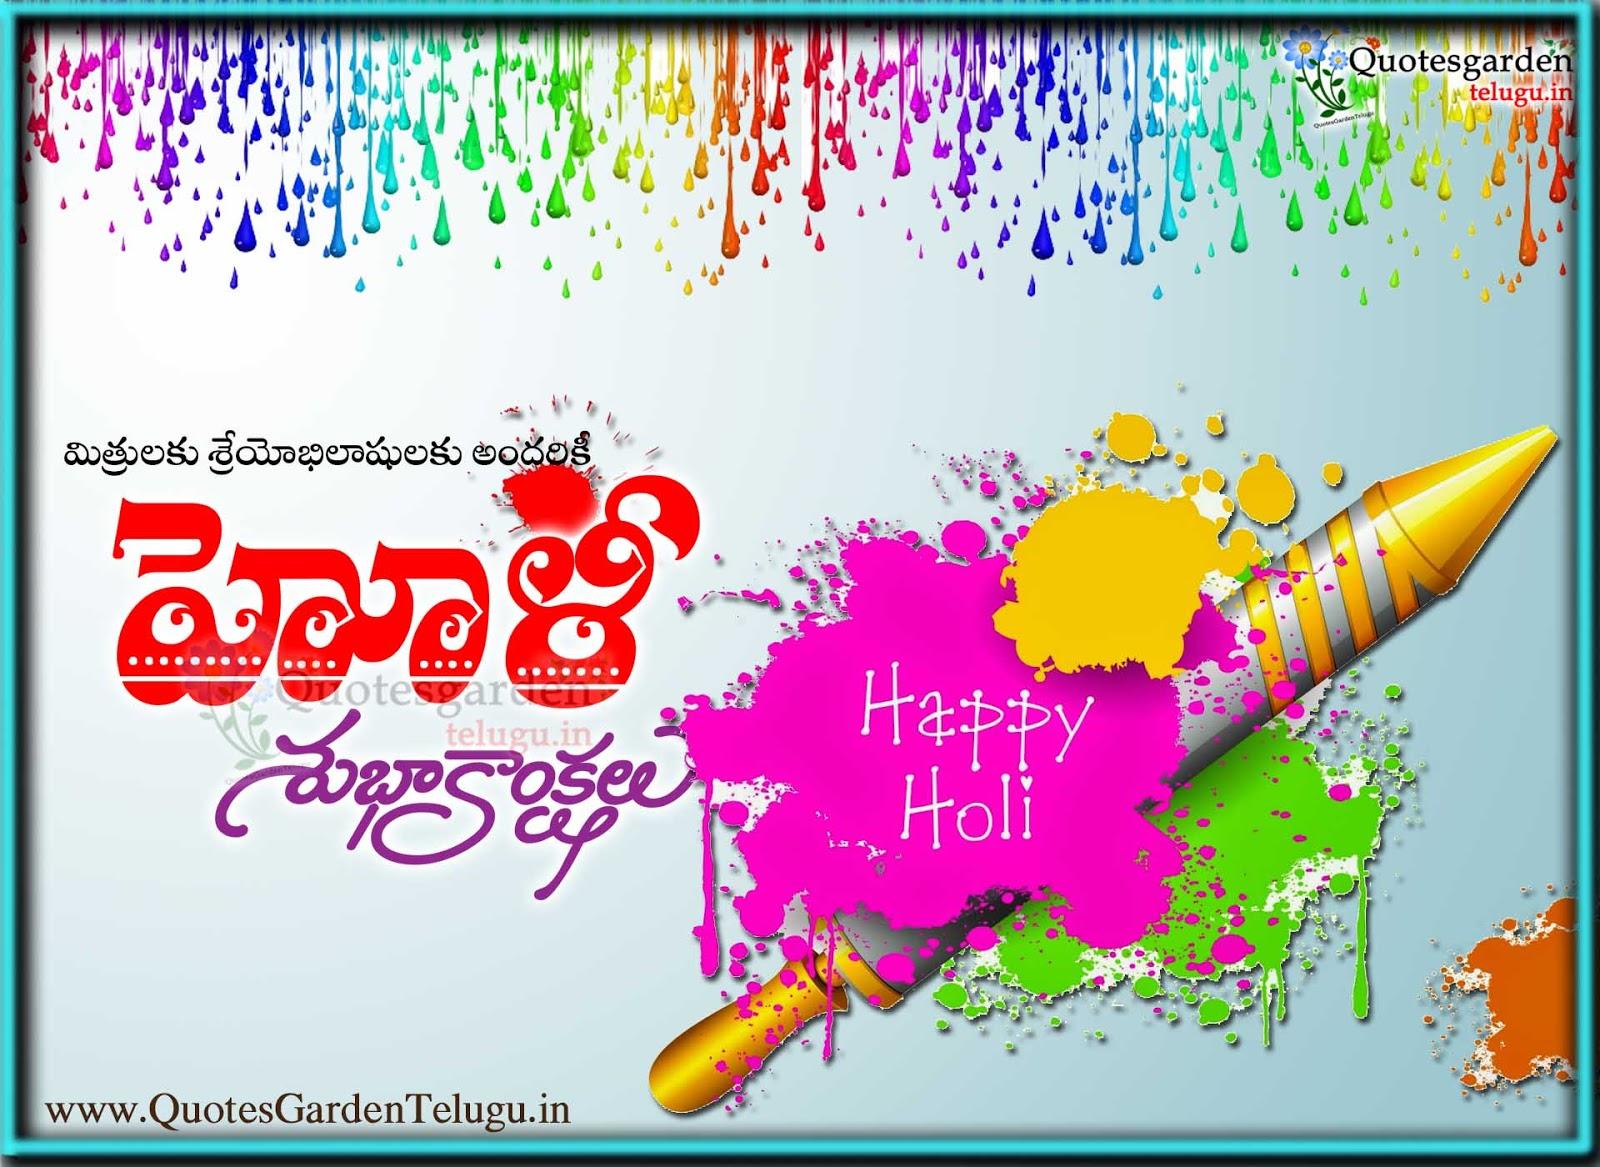 Happy holi greetings messages sms in telugu quotes garden telugu happy holi greetings messages sms in telugu kristyandbryce Images